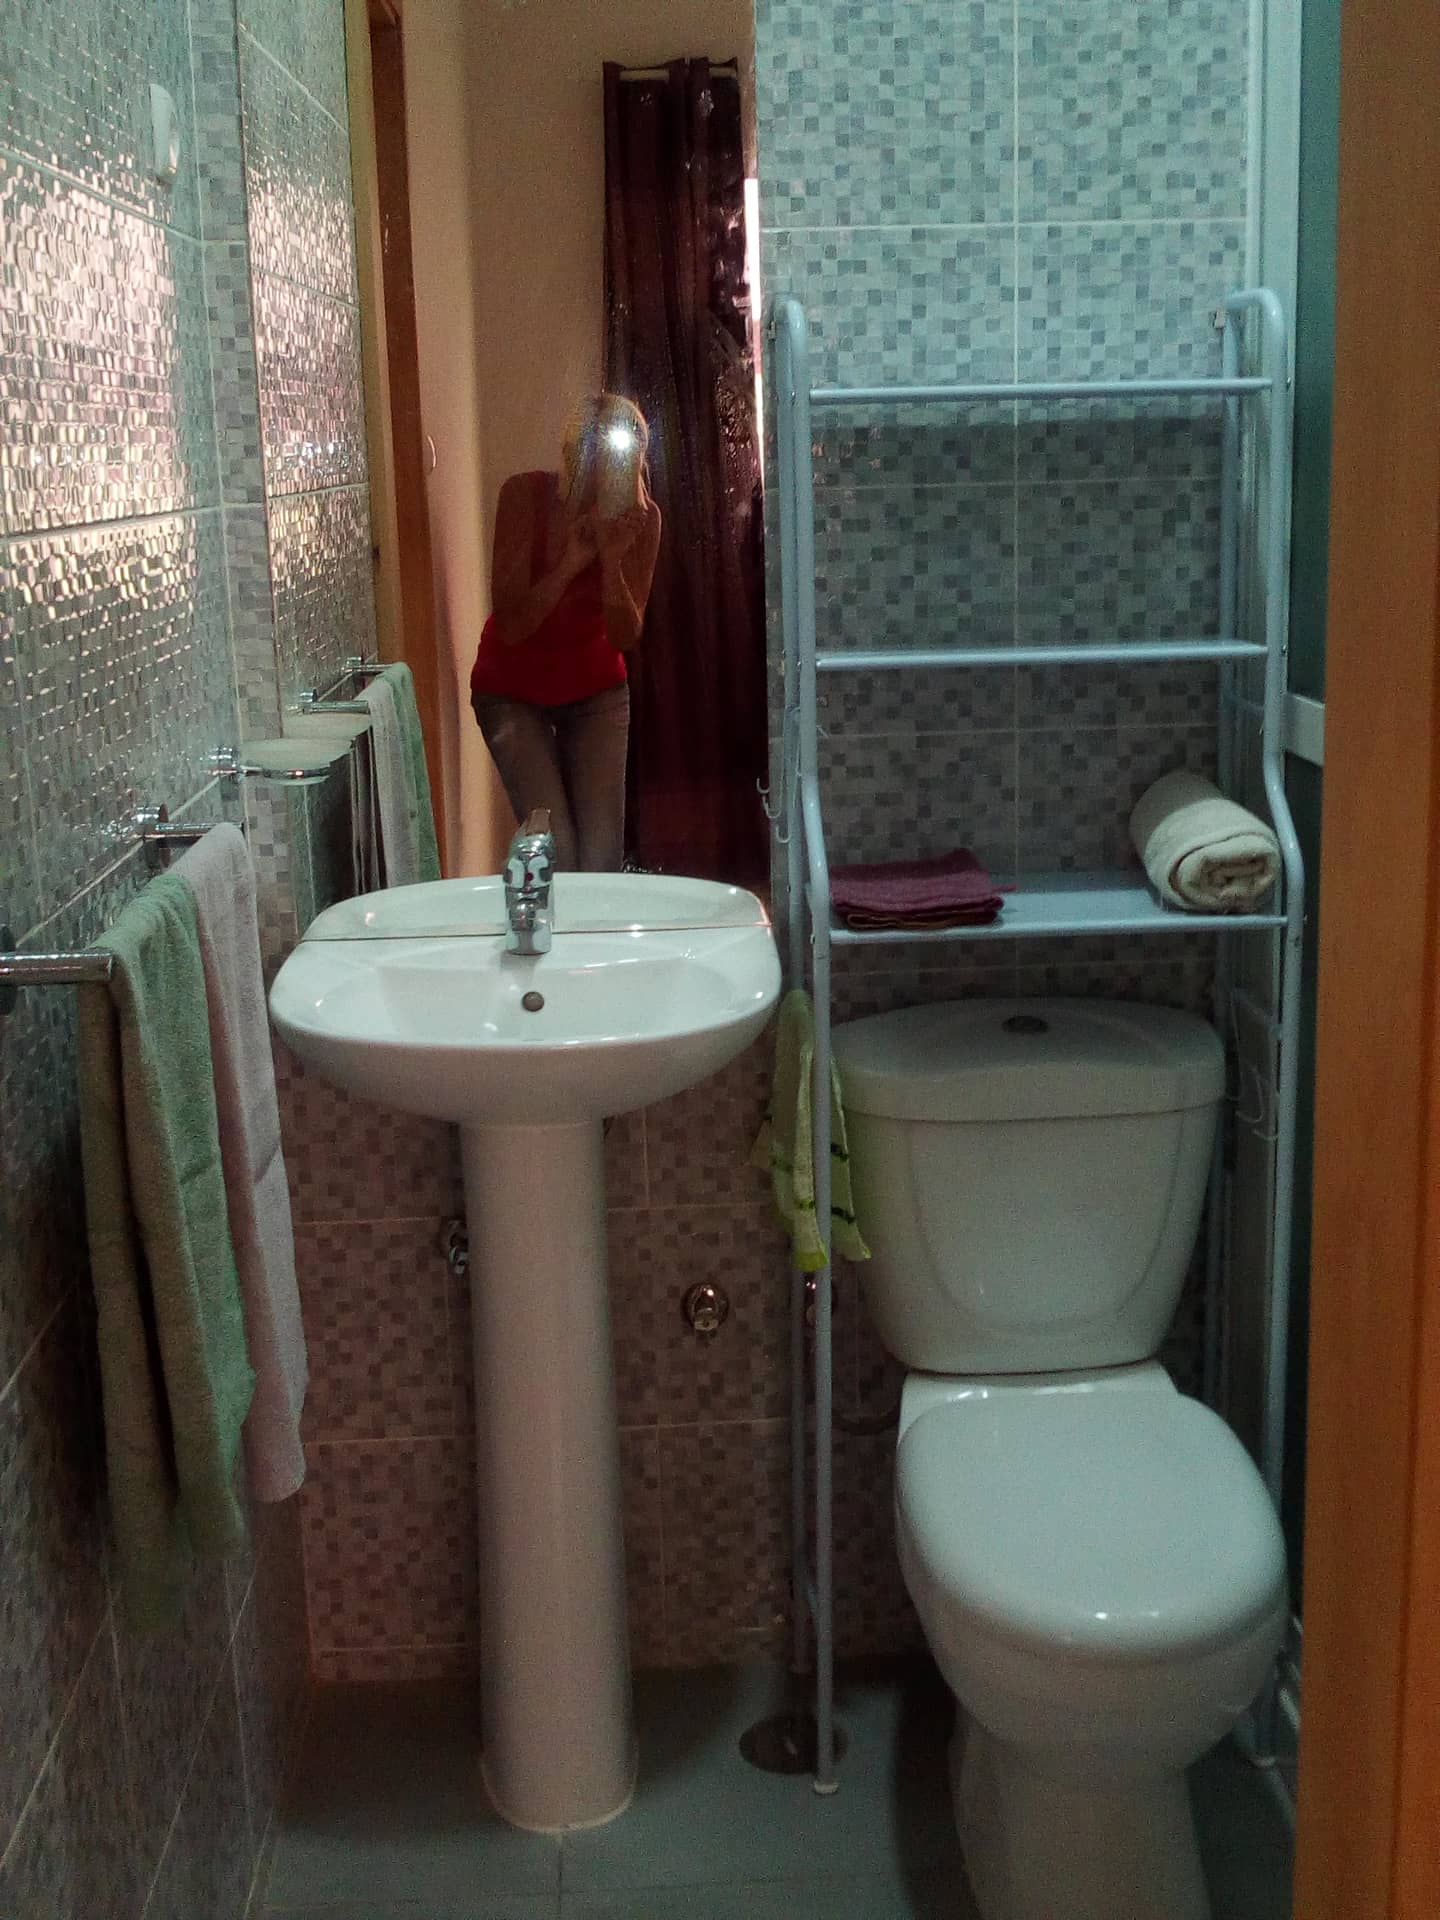 8 bathroom lavatory and toilet